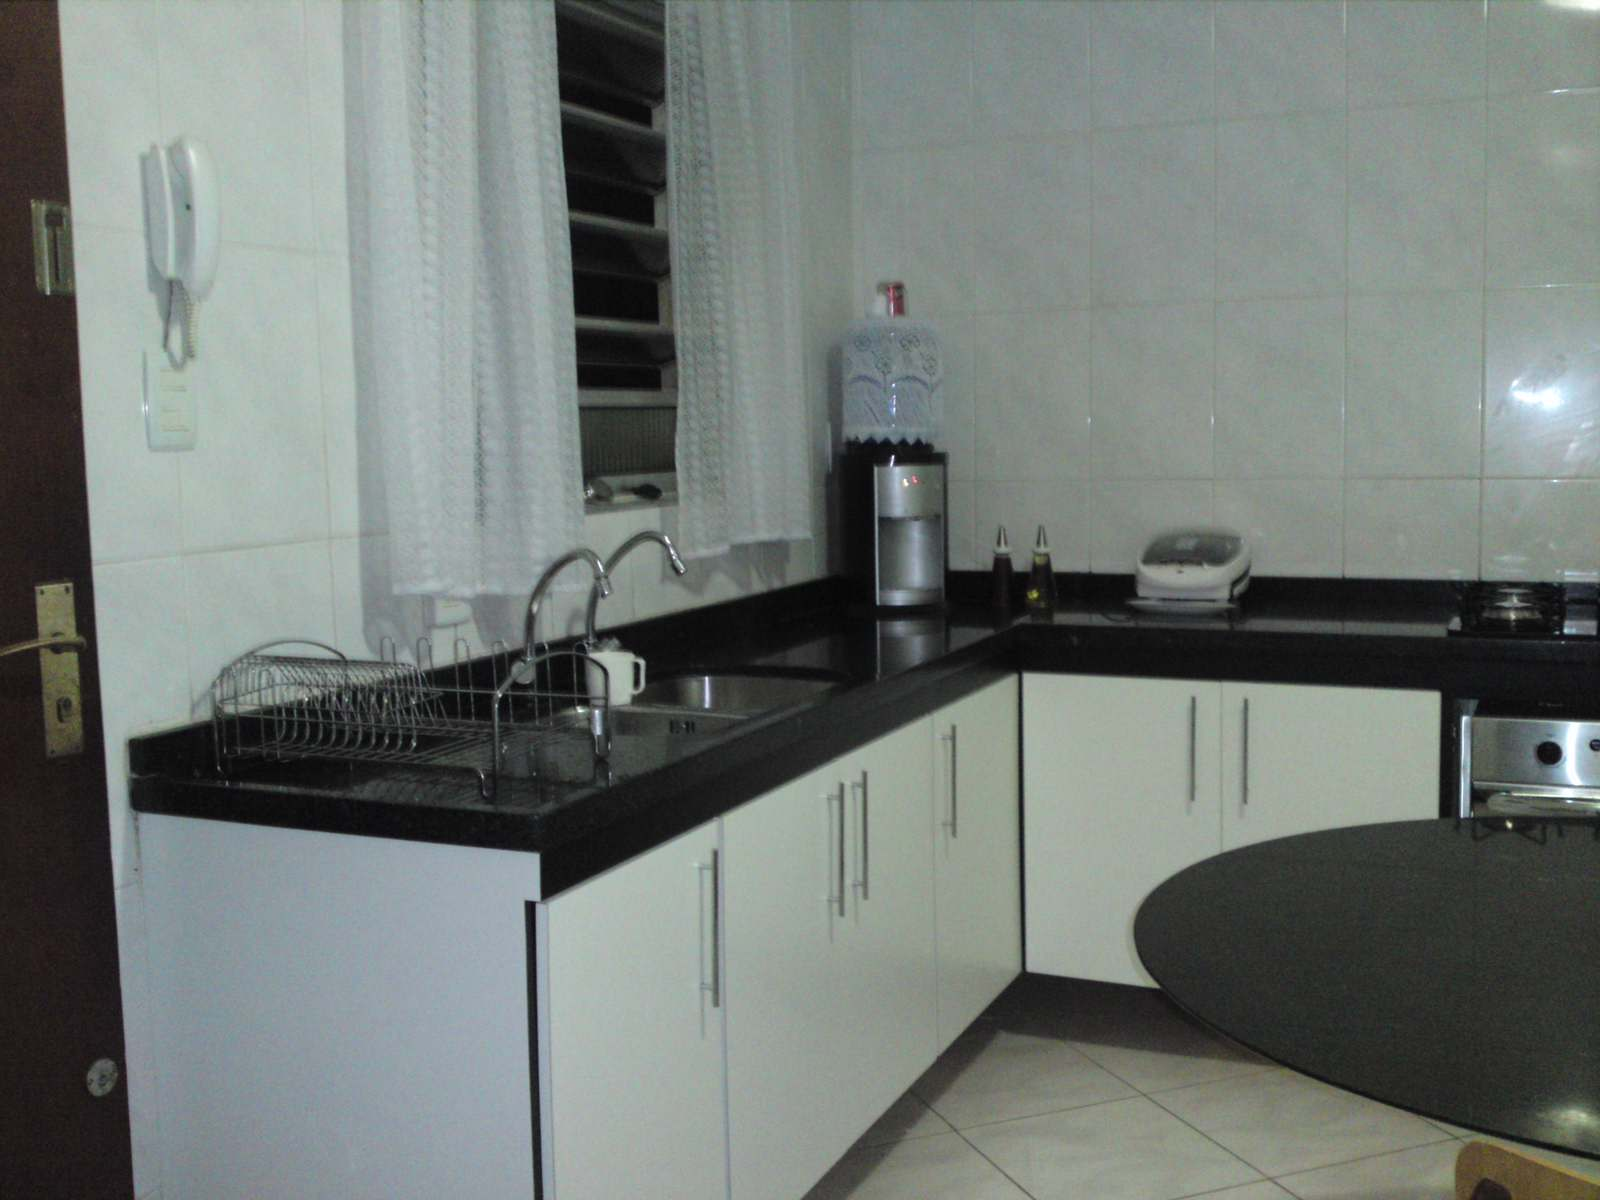 #5B4E35 Móveis JNBA: Cozinha Planejada 1600x1200 px Fornecedores De Cozinha_754 Imagens